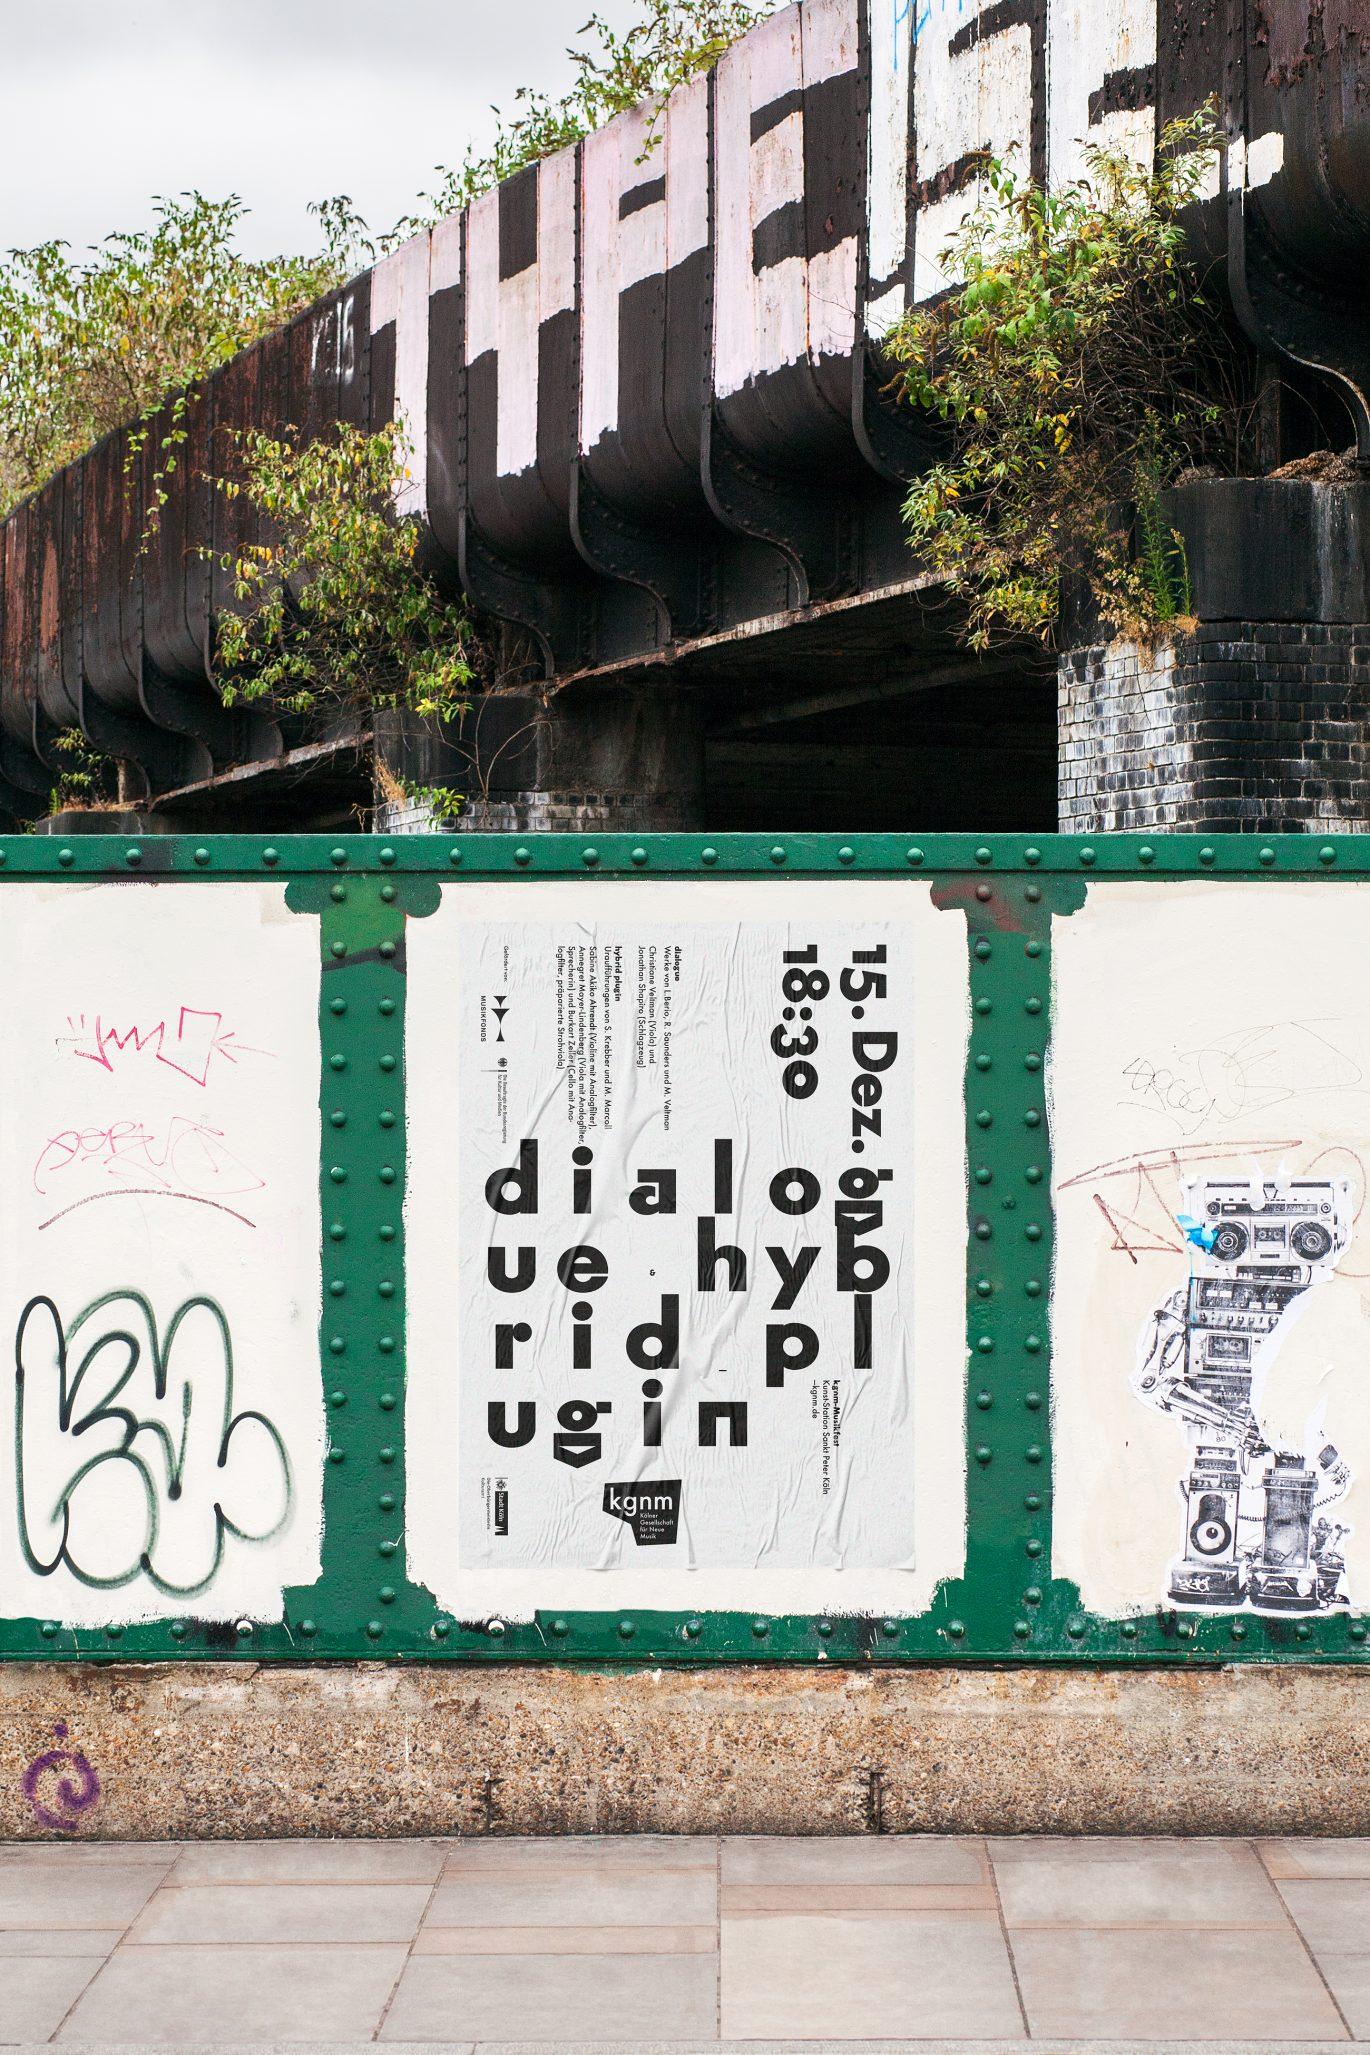 Neue Musik | Makrotypografie | Textbild | Schriftplakat